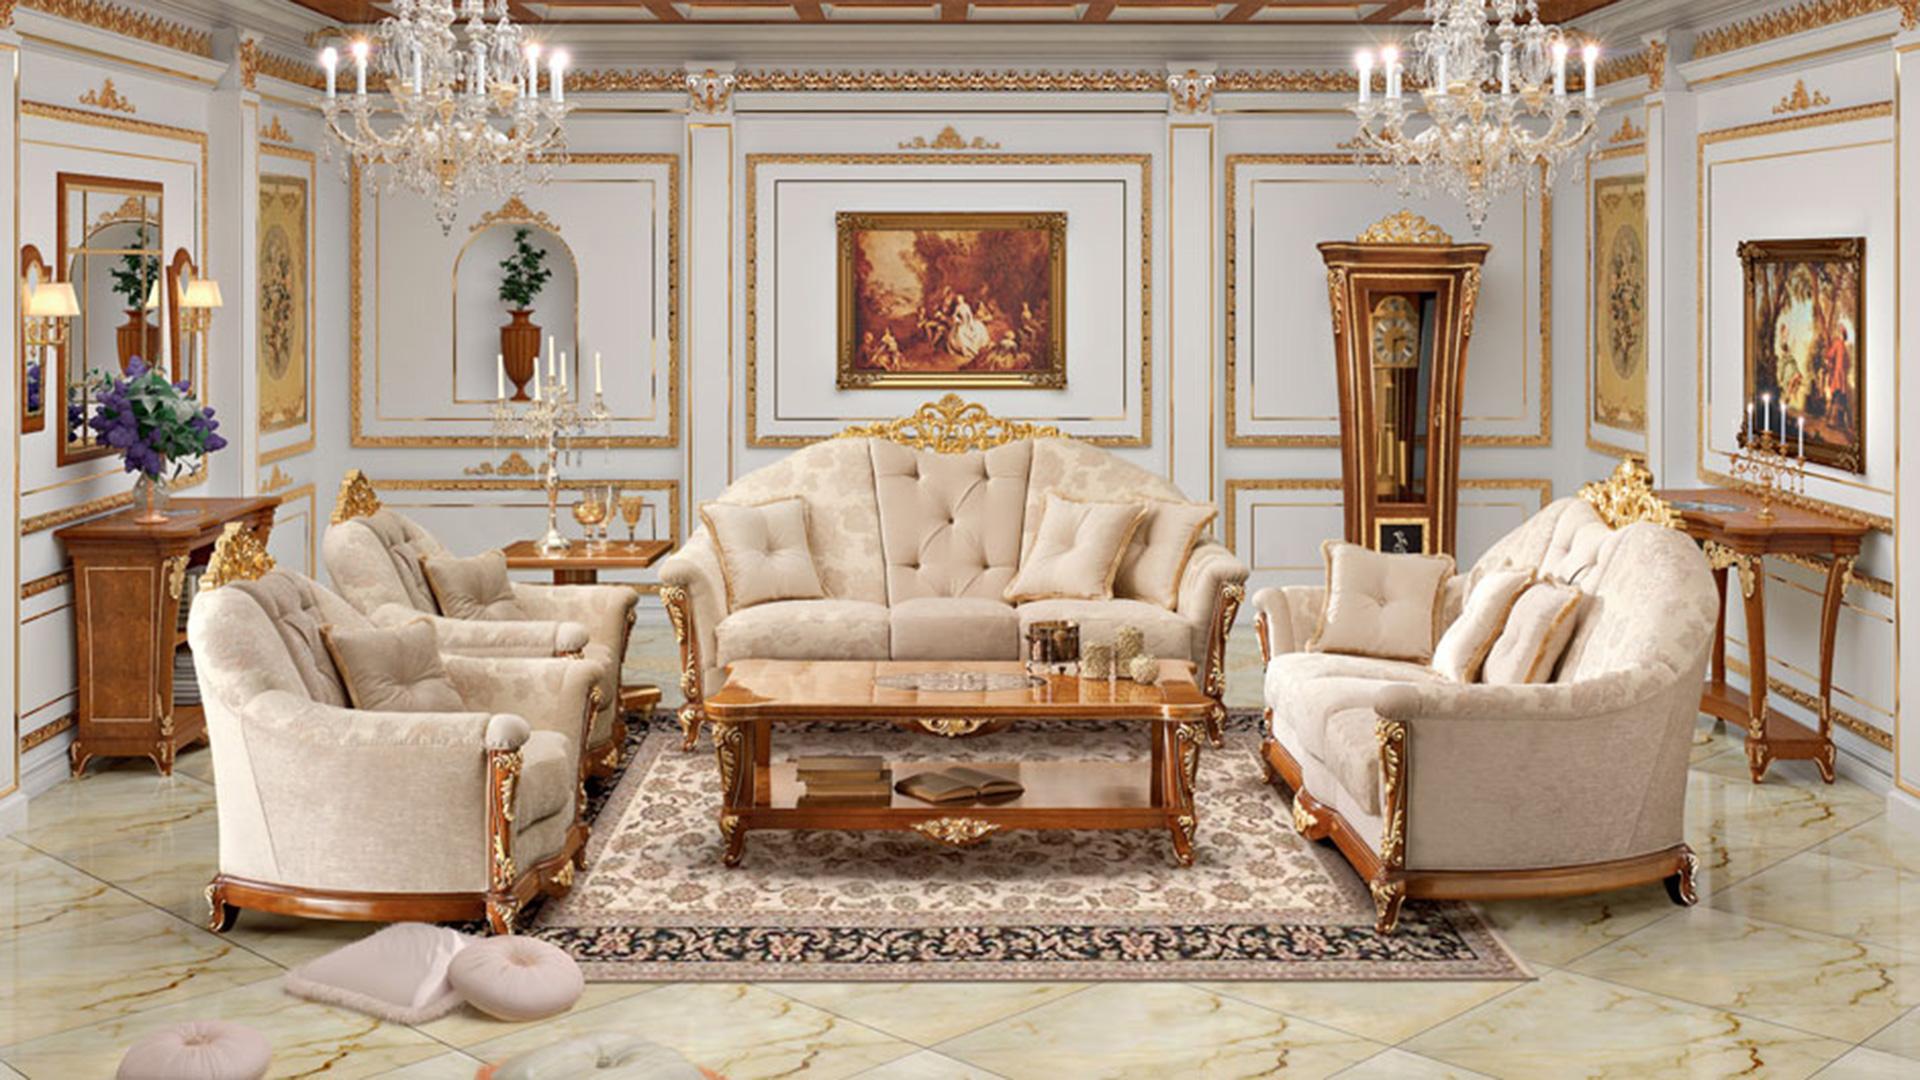 Beautiful Soggiorni In Stile Classico Photos - Idee Arredamento Casa ...